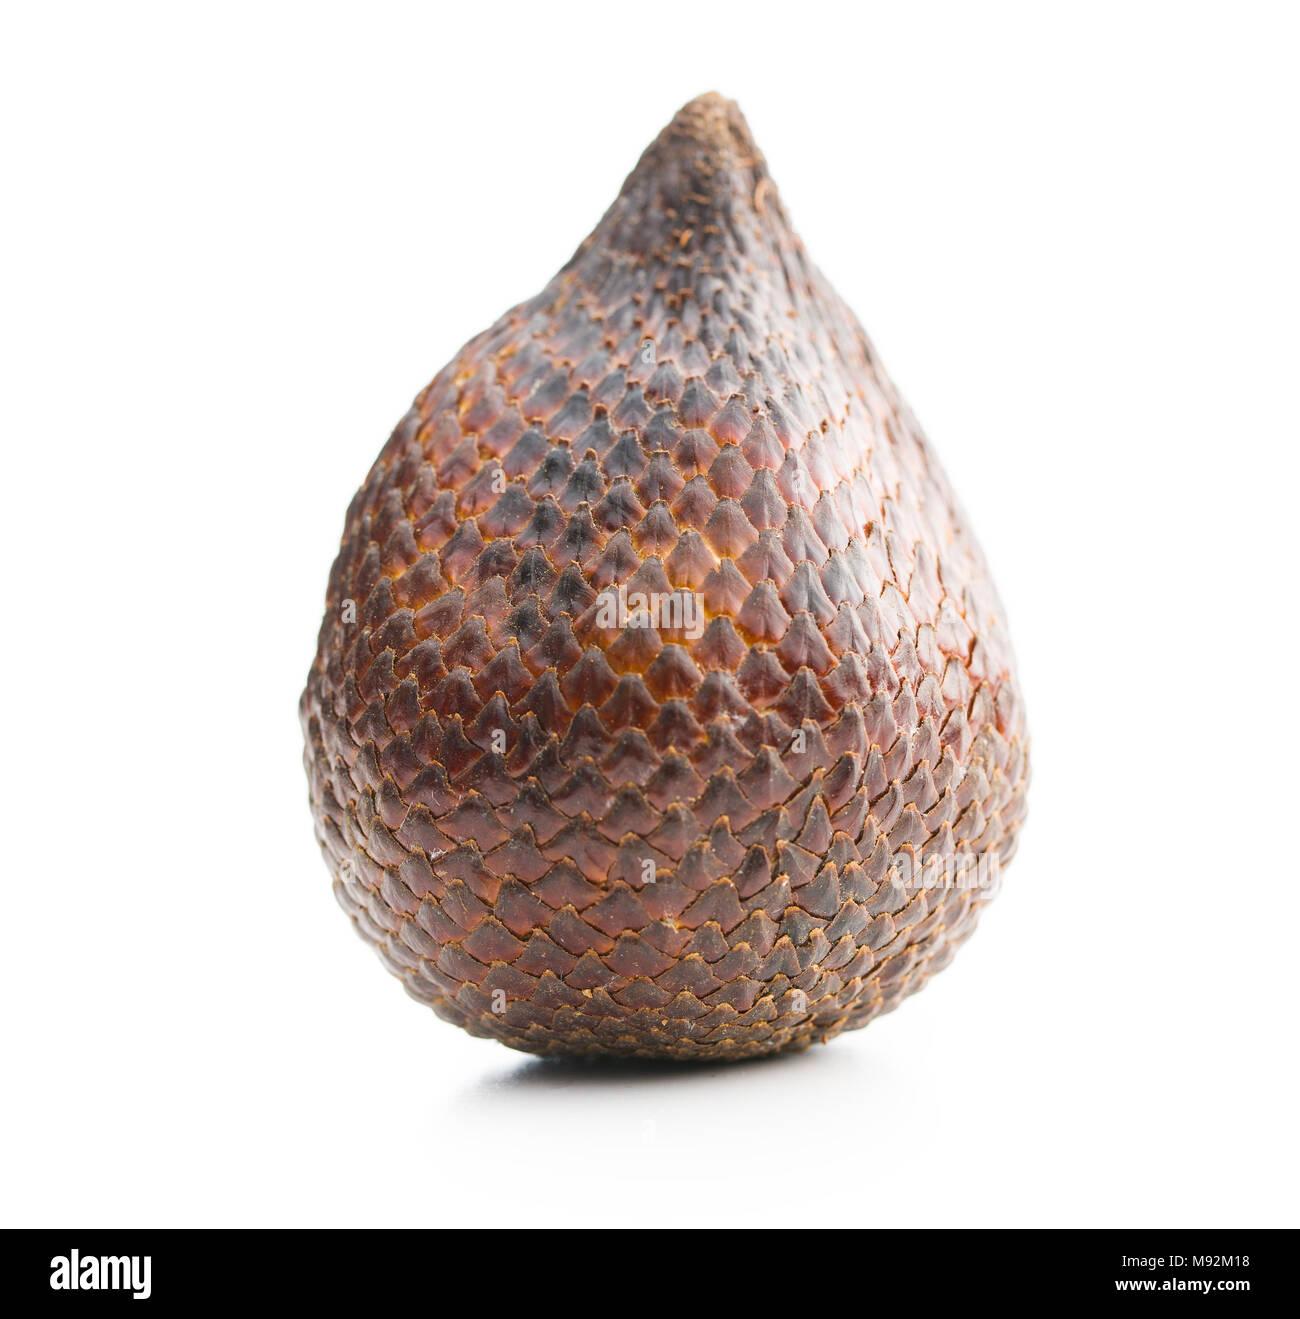 Salak fruit, Salacca zalacca, snake fruit isolated on the white background. - Stock Image